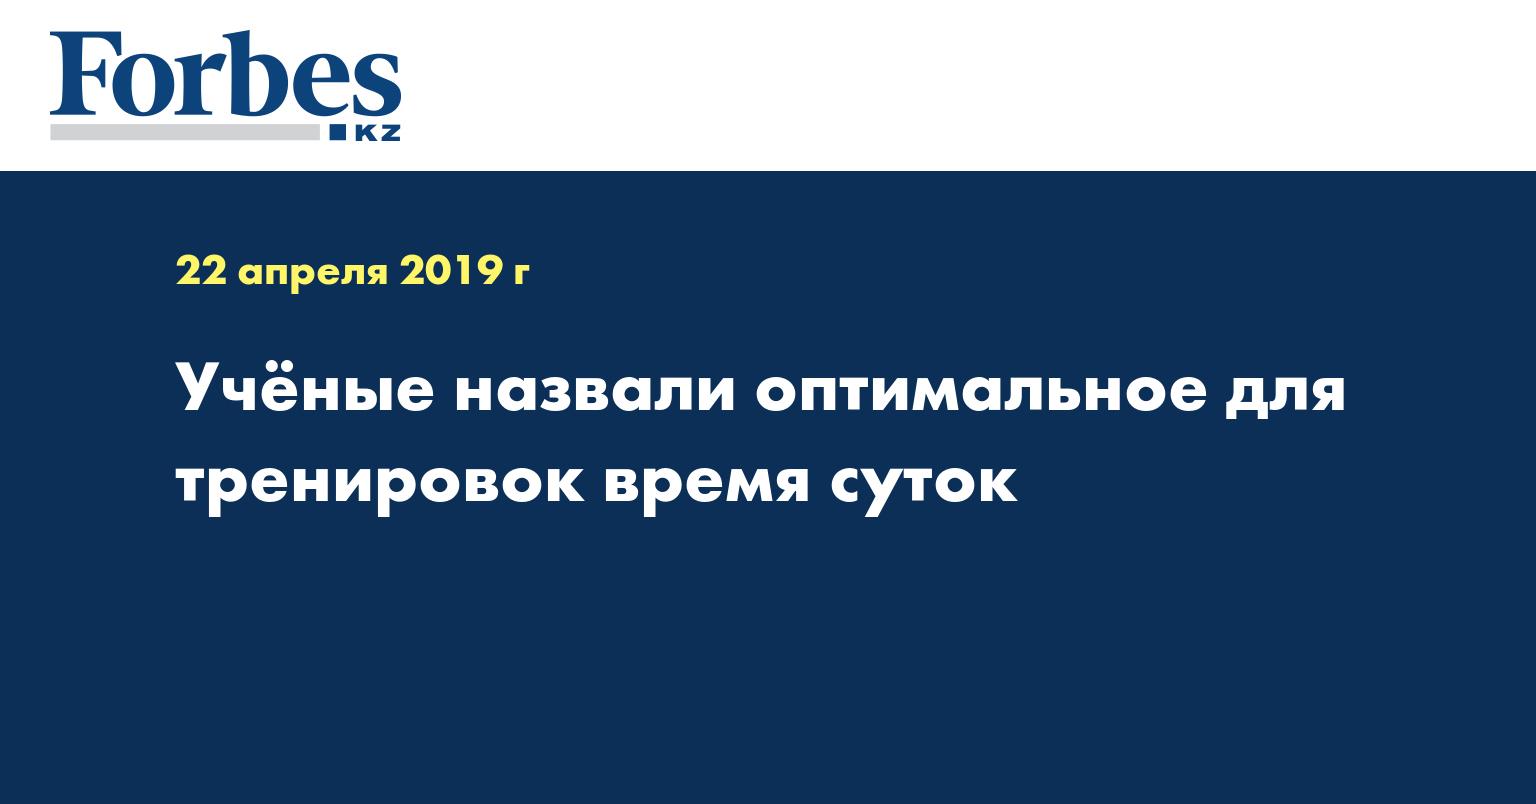 Ао фонд проблемных кредитов казахстан